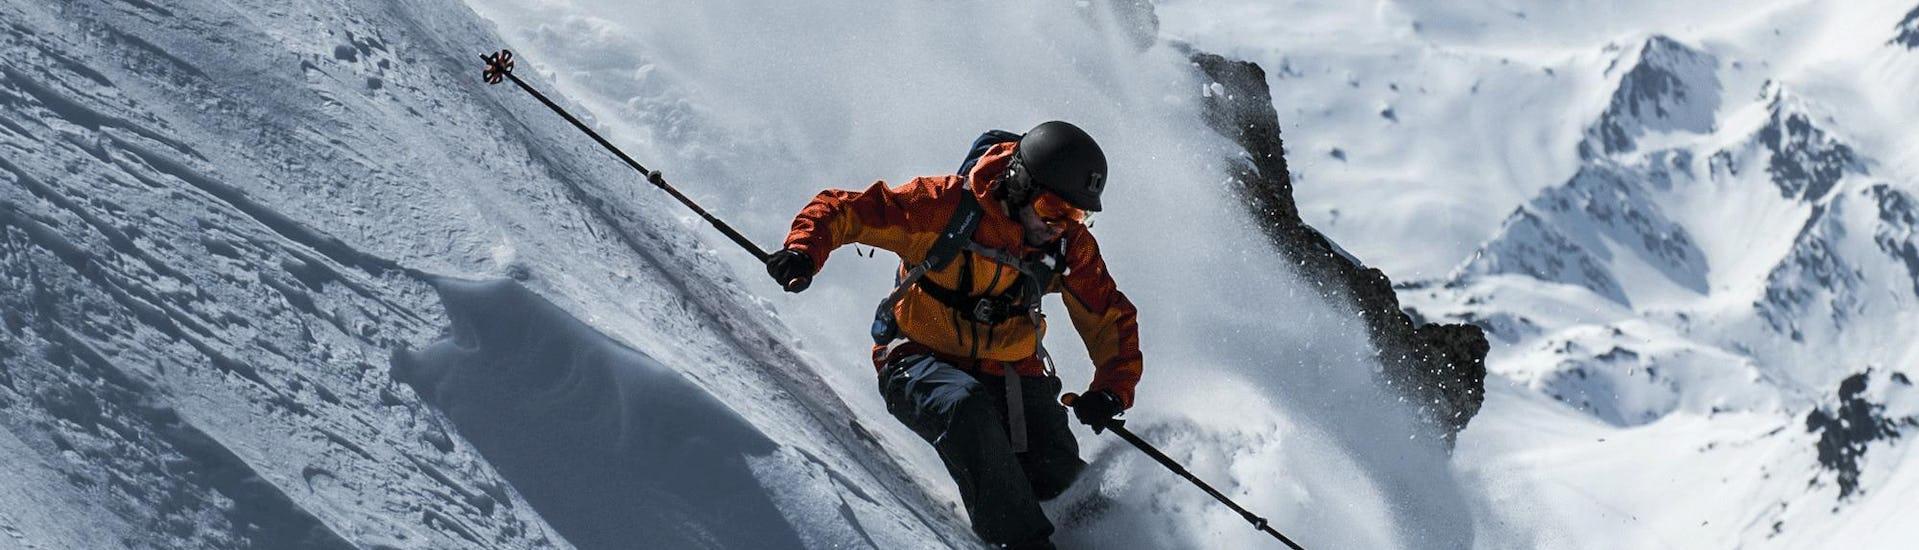 Im Rahmen des Angebots Privater Freeride Kurs - Fortgeschritten der Skischule Alpinist im Skigebiet Sölden in Alpbach, meistert ein Skifahrer den Neuschnee.